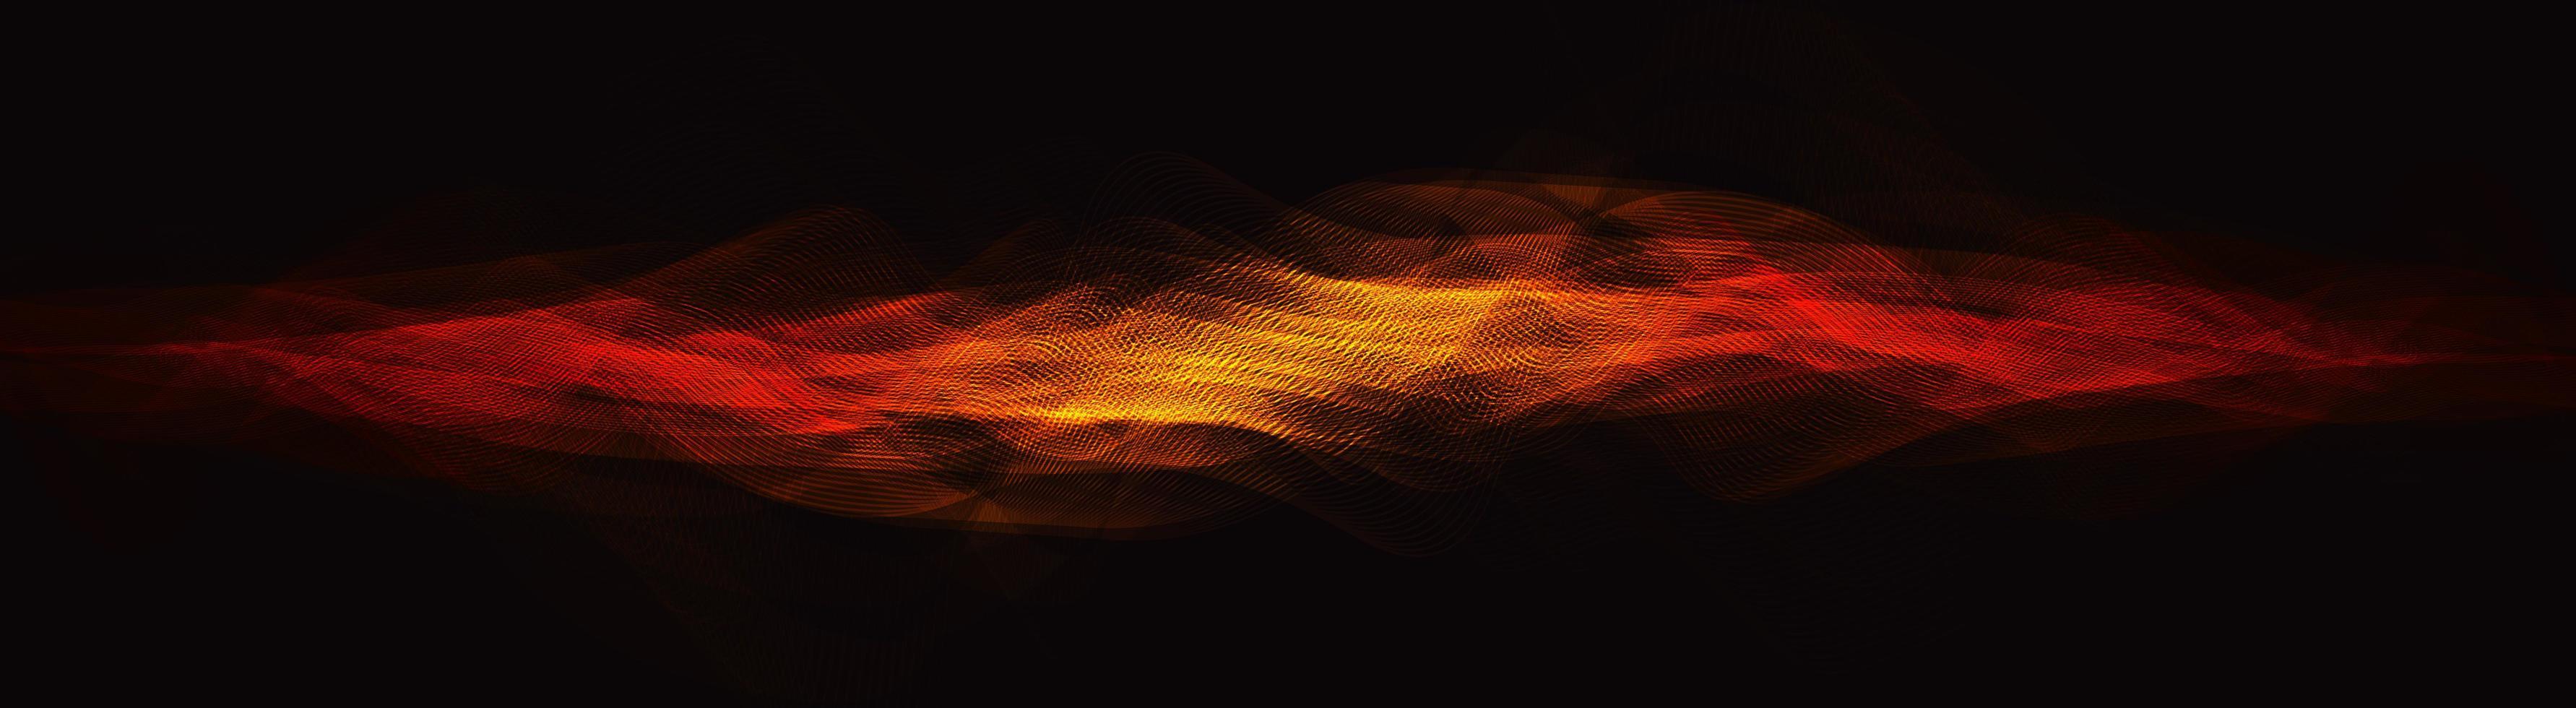 fiamma digitale onda sonora su sfondo marrone, concetto di onda tecnologica, design per studio musicale e scienza, illustrazione vettoriale. vettore